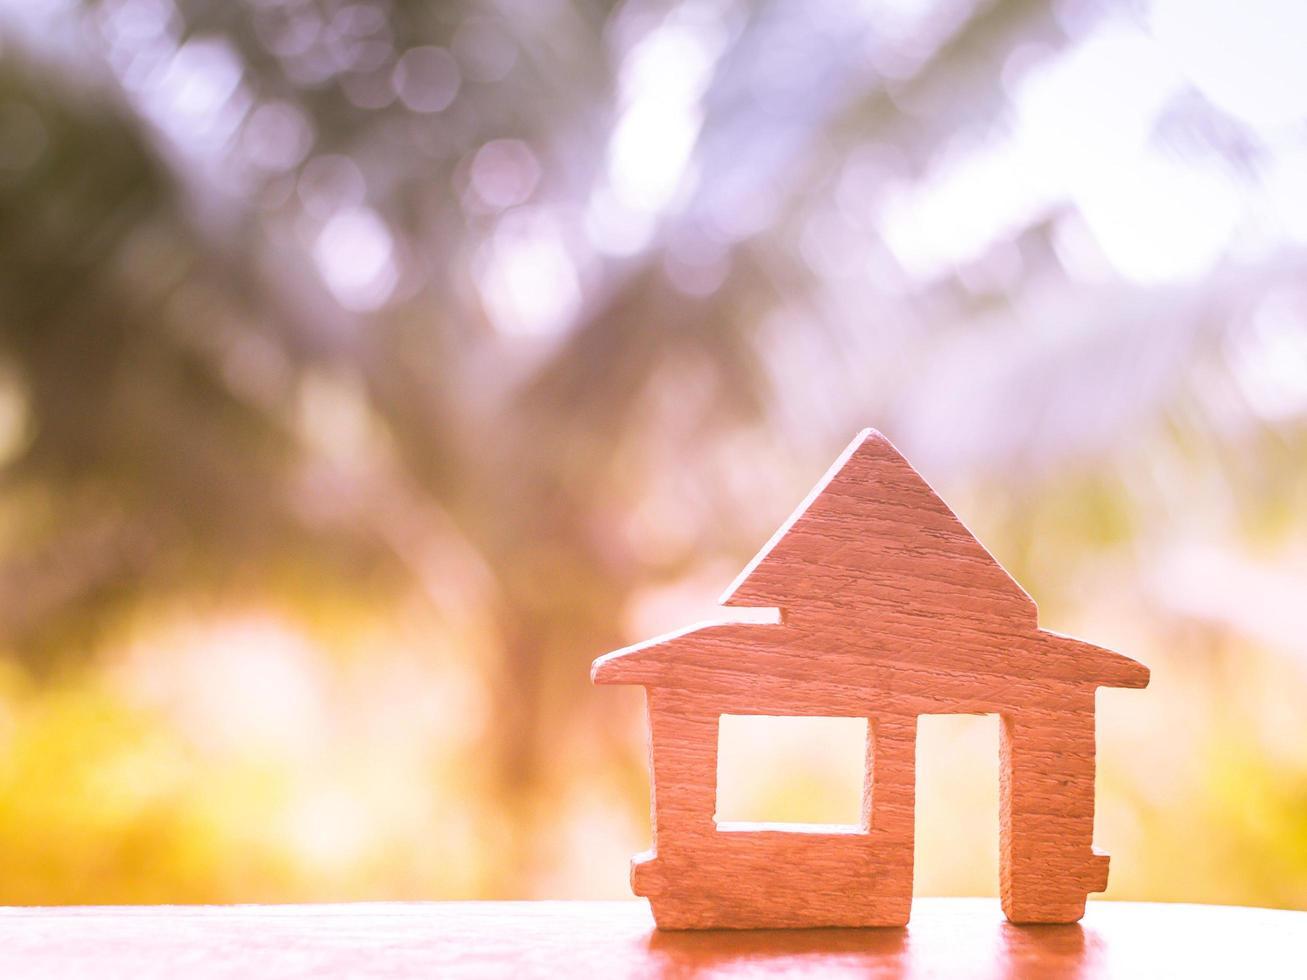 modèle de maison en bois photo